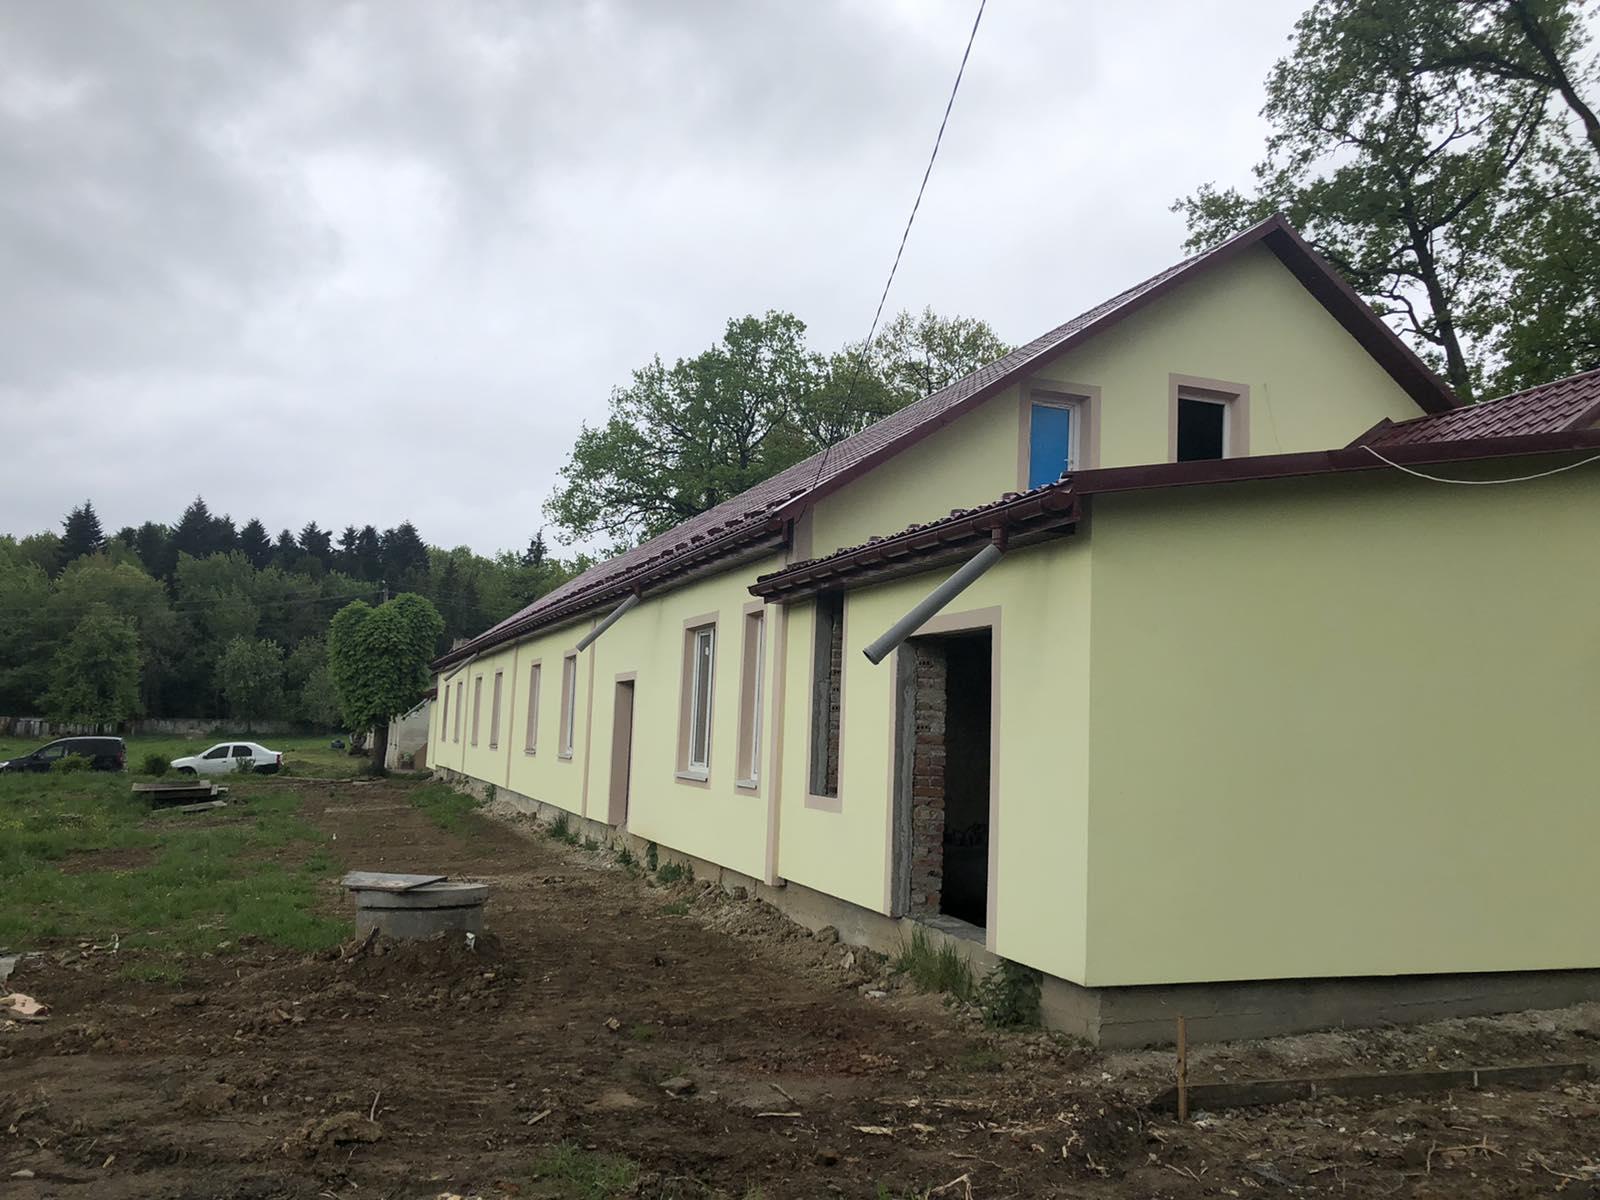 Варте уваги: У Дрогобичі розпочато капітальний ремонт будівлі казарми Національної Гвардії України